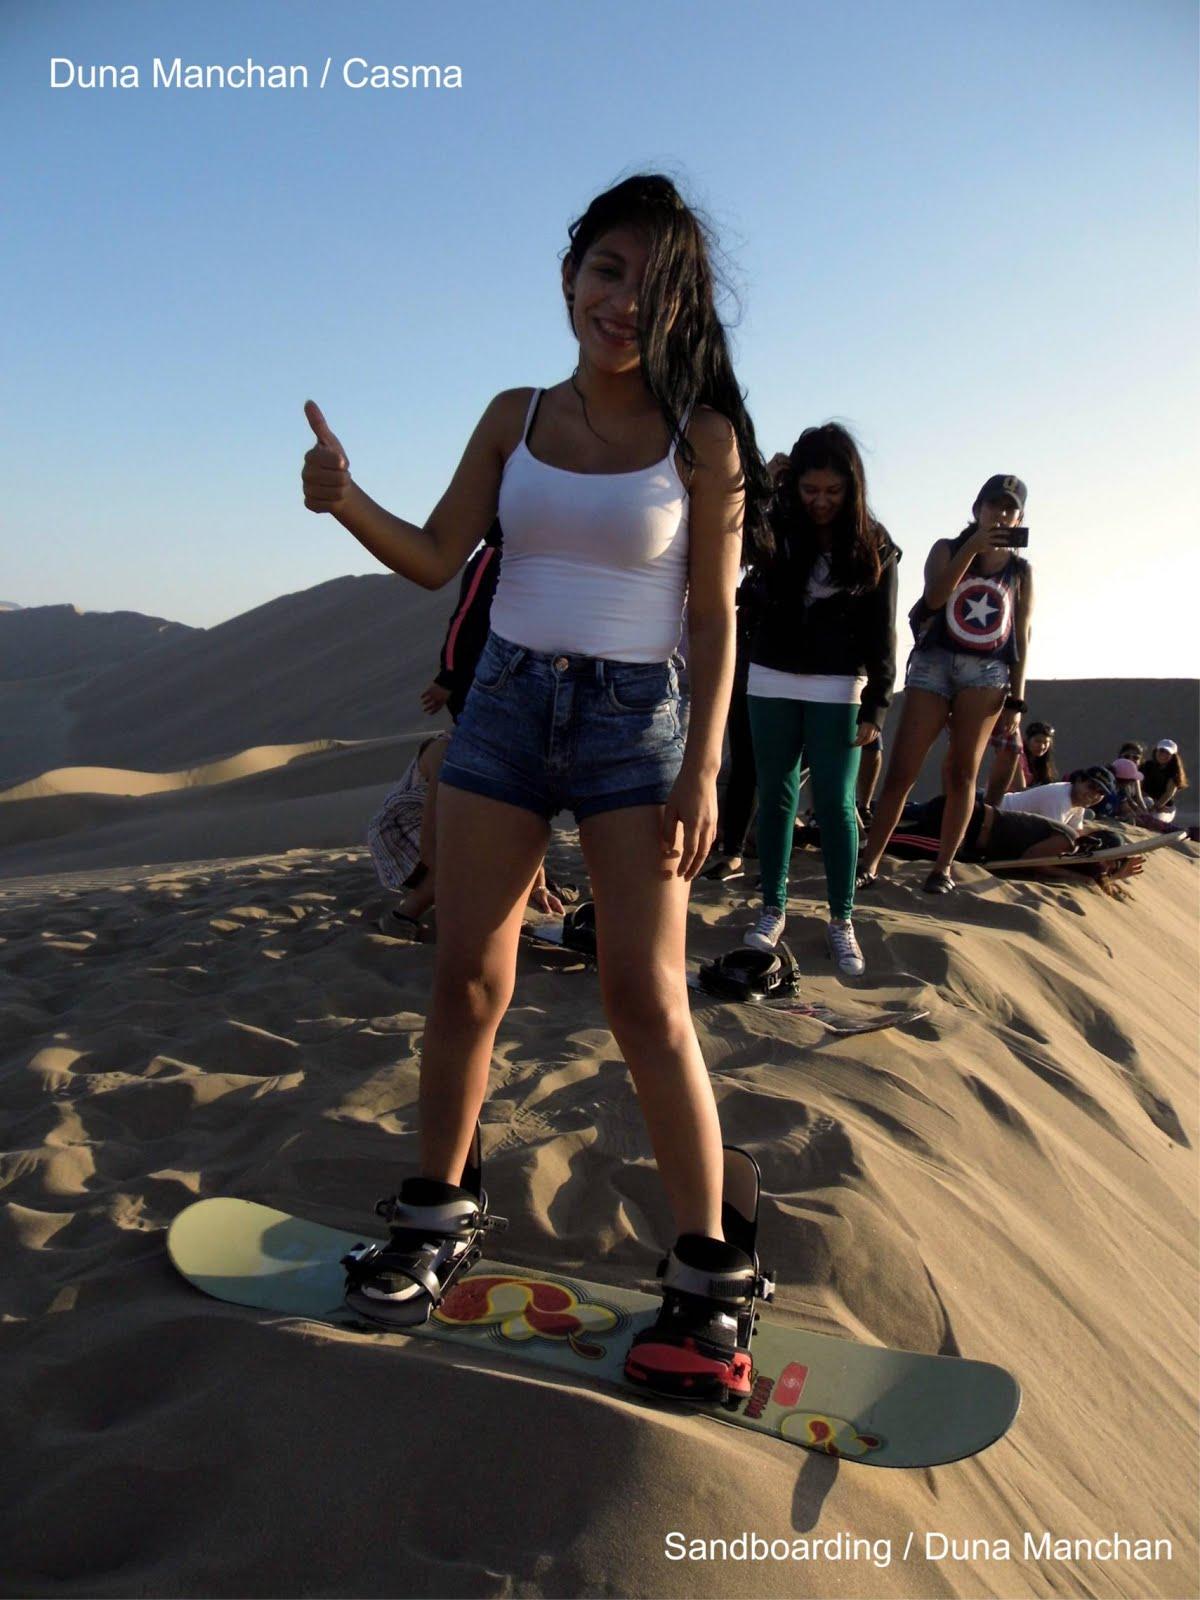 Sandboarding en nuestra duna de Manchán